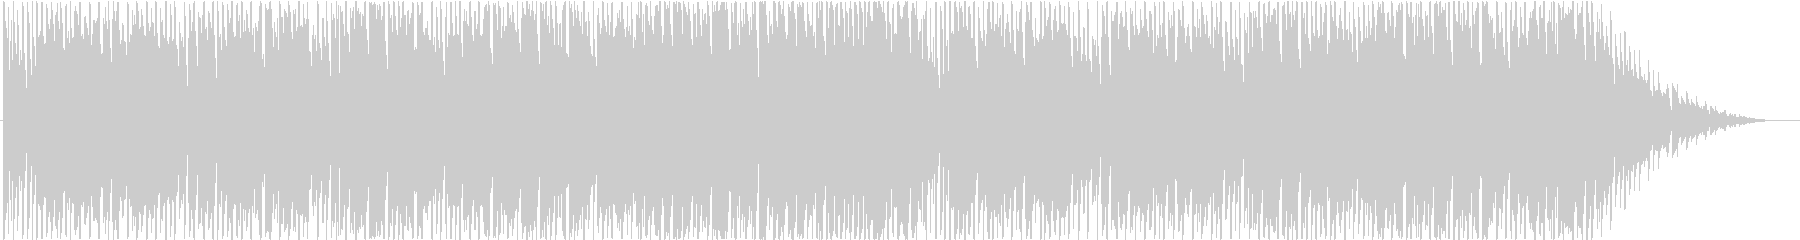 シンセサイザーを使ったコミカルなBGMの未再生の波形